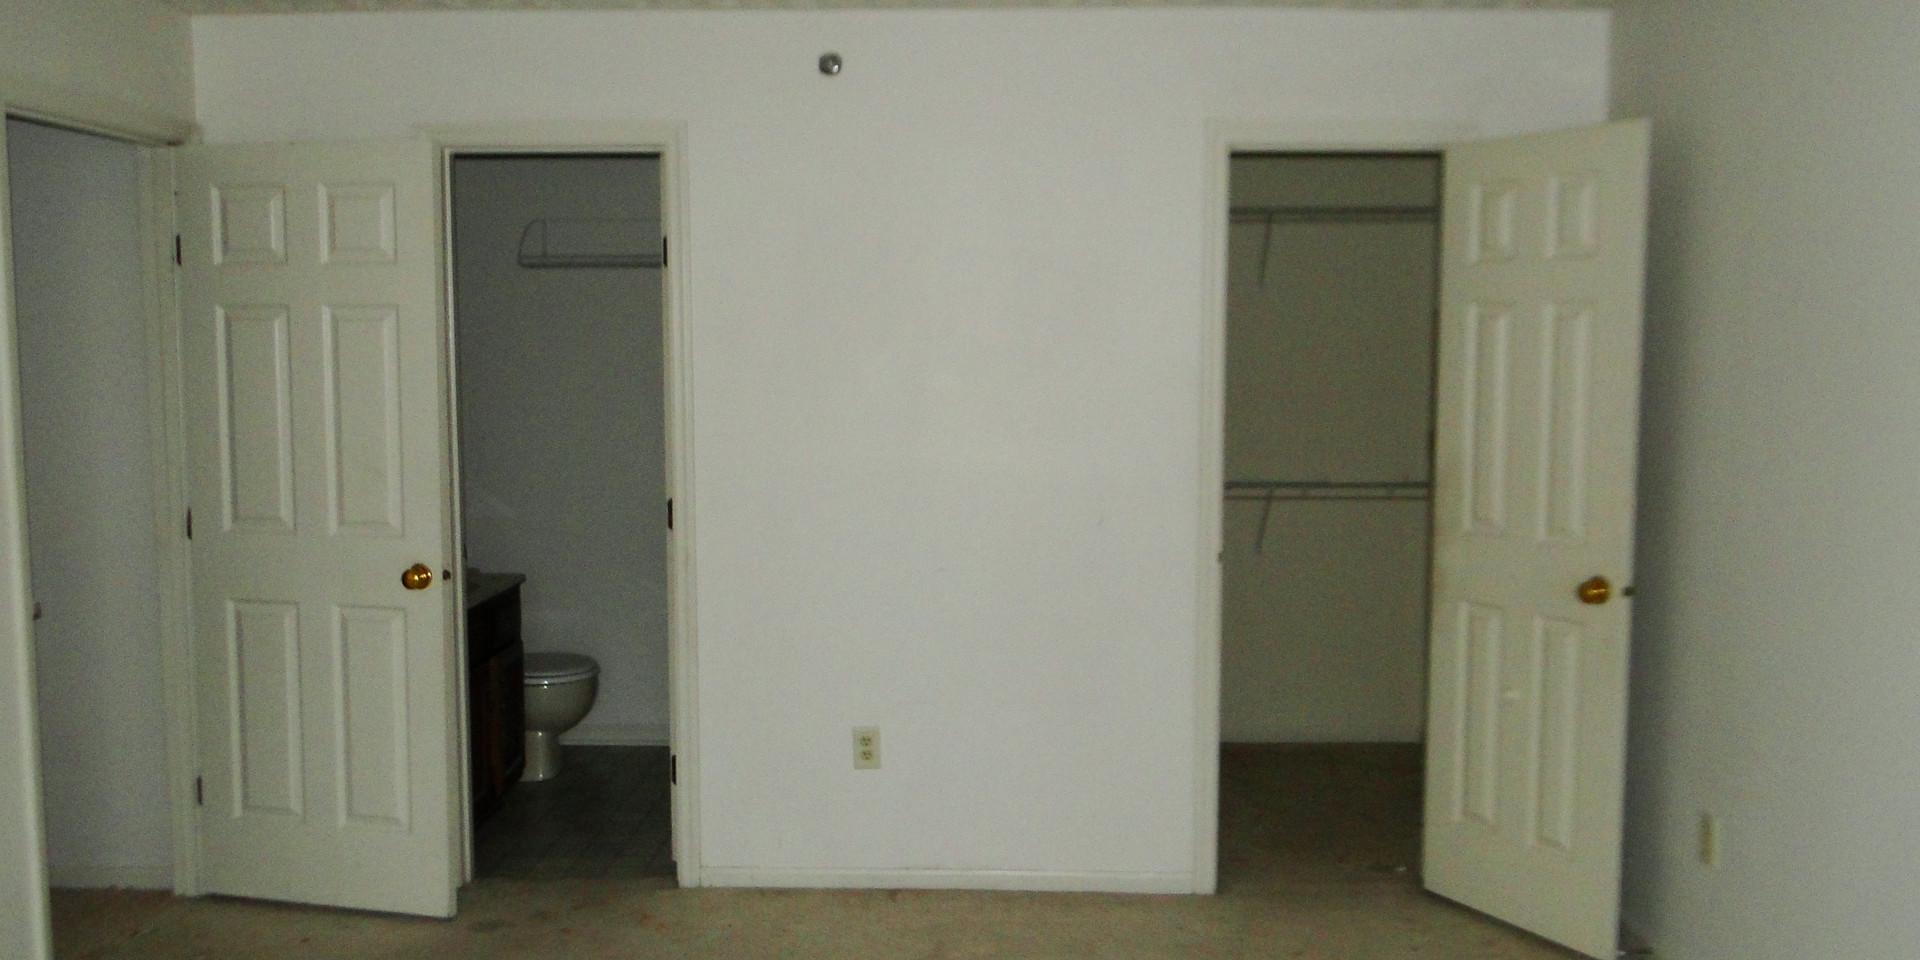 14 - Master Bedroom 2.JPG